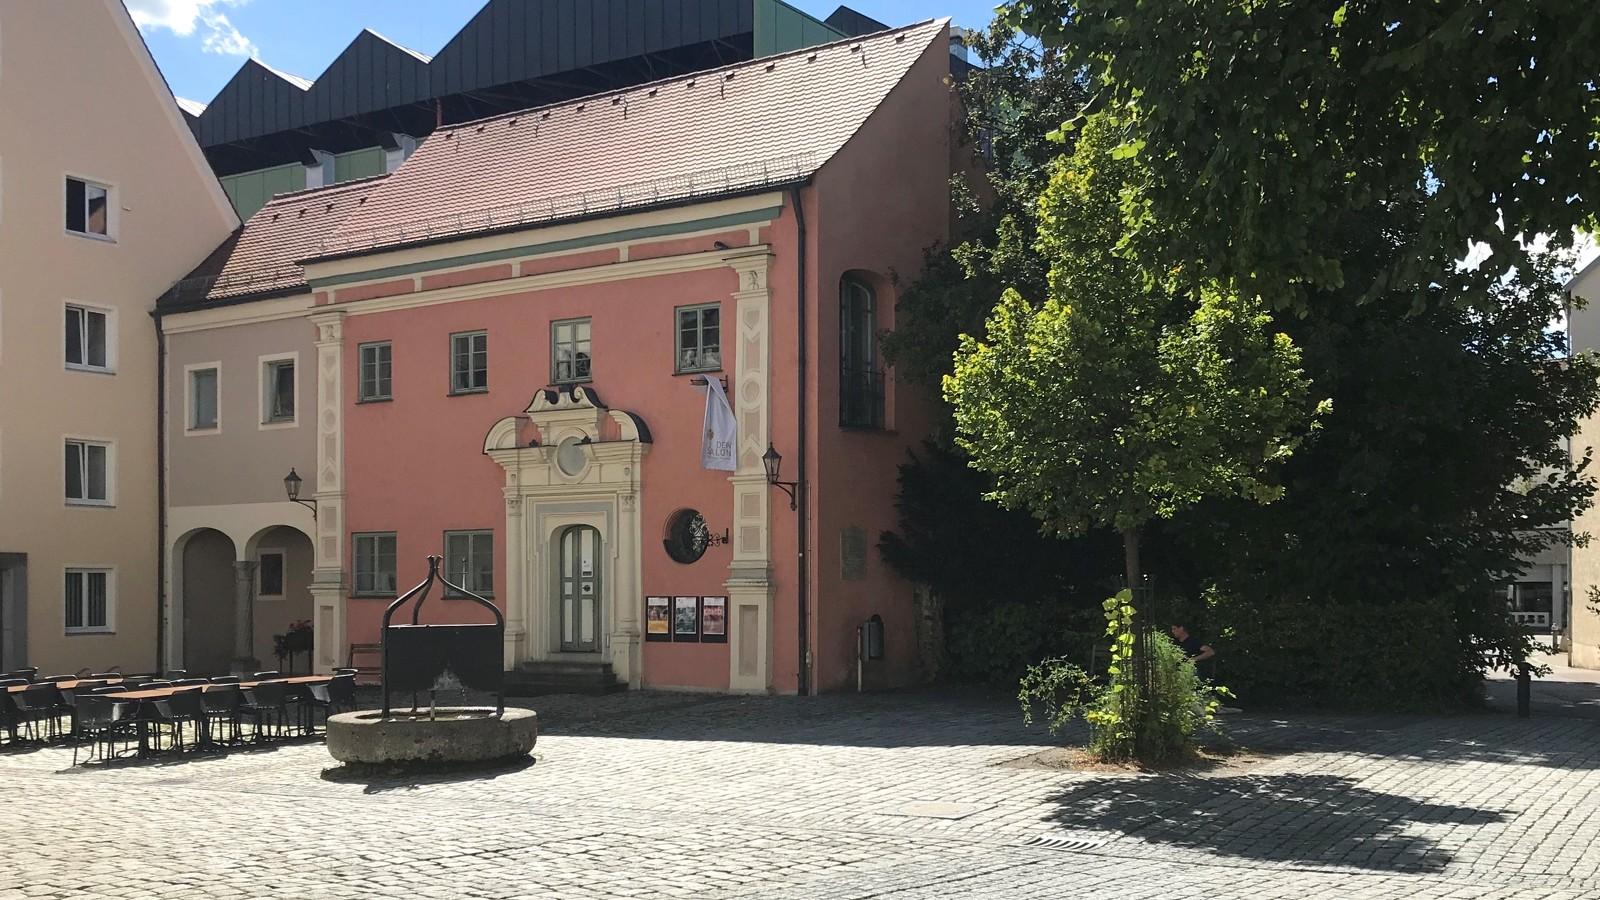 Blick auf den Sigmund-Ullmann-Platz